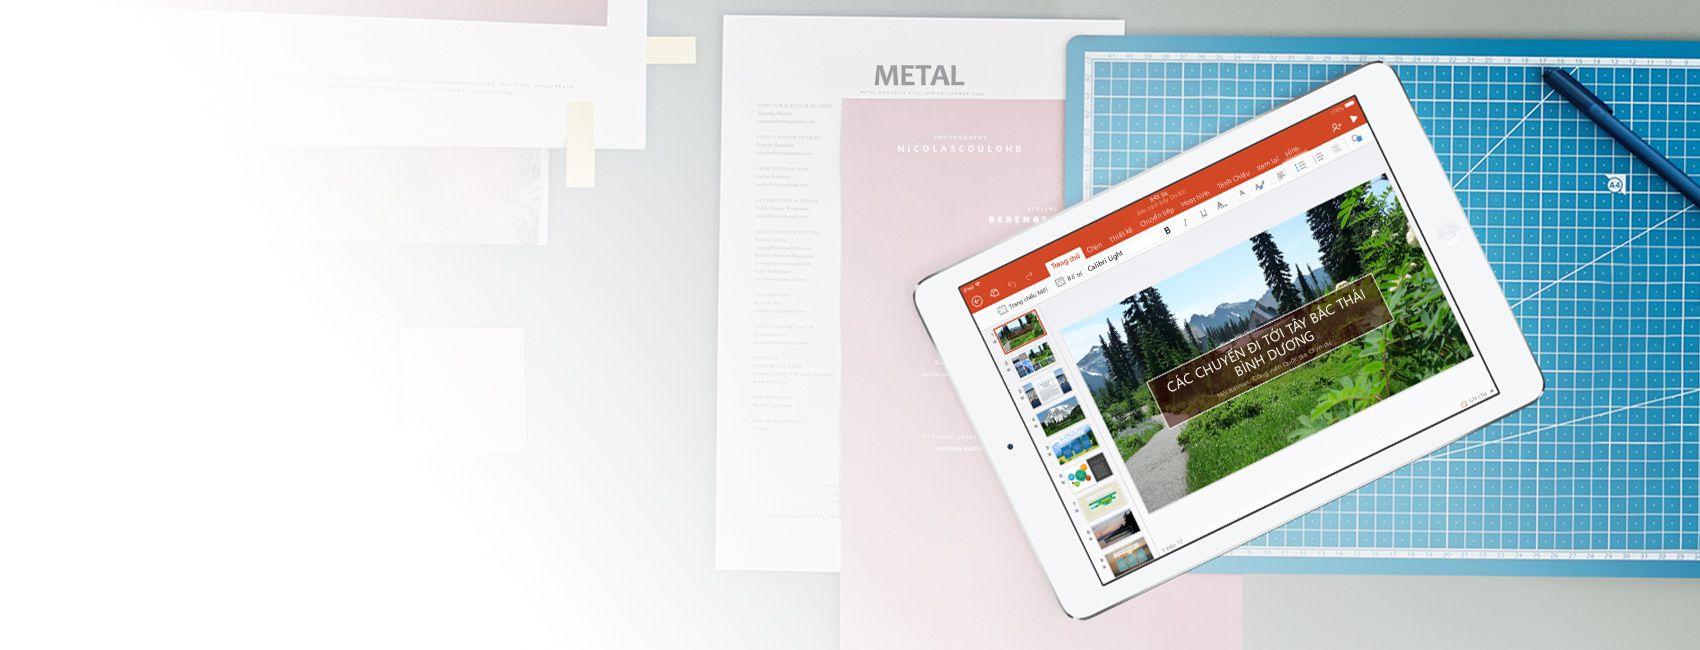 Một chiếc iPad hiển thị bản trình bày PowerPoint về Chuyến công tác tới Tây bắc Thái Bình Dương